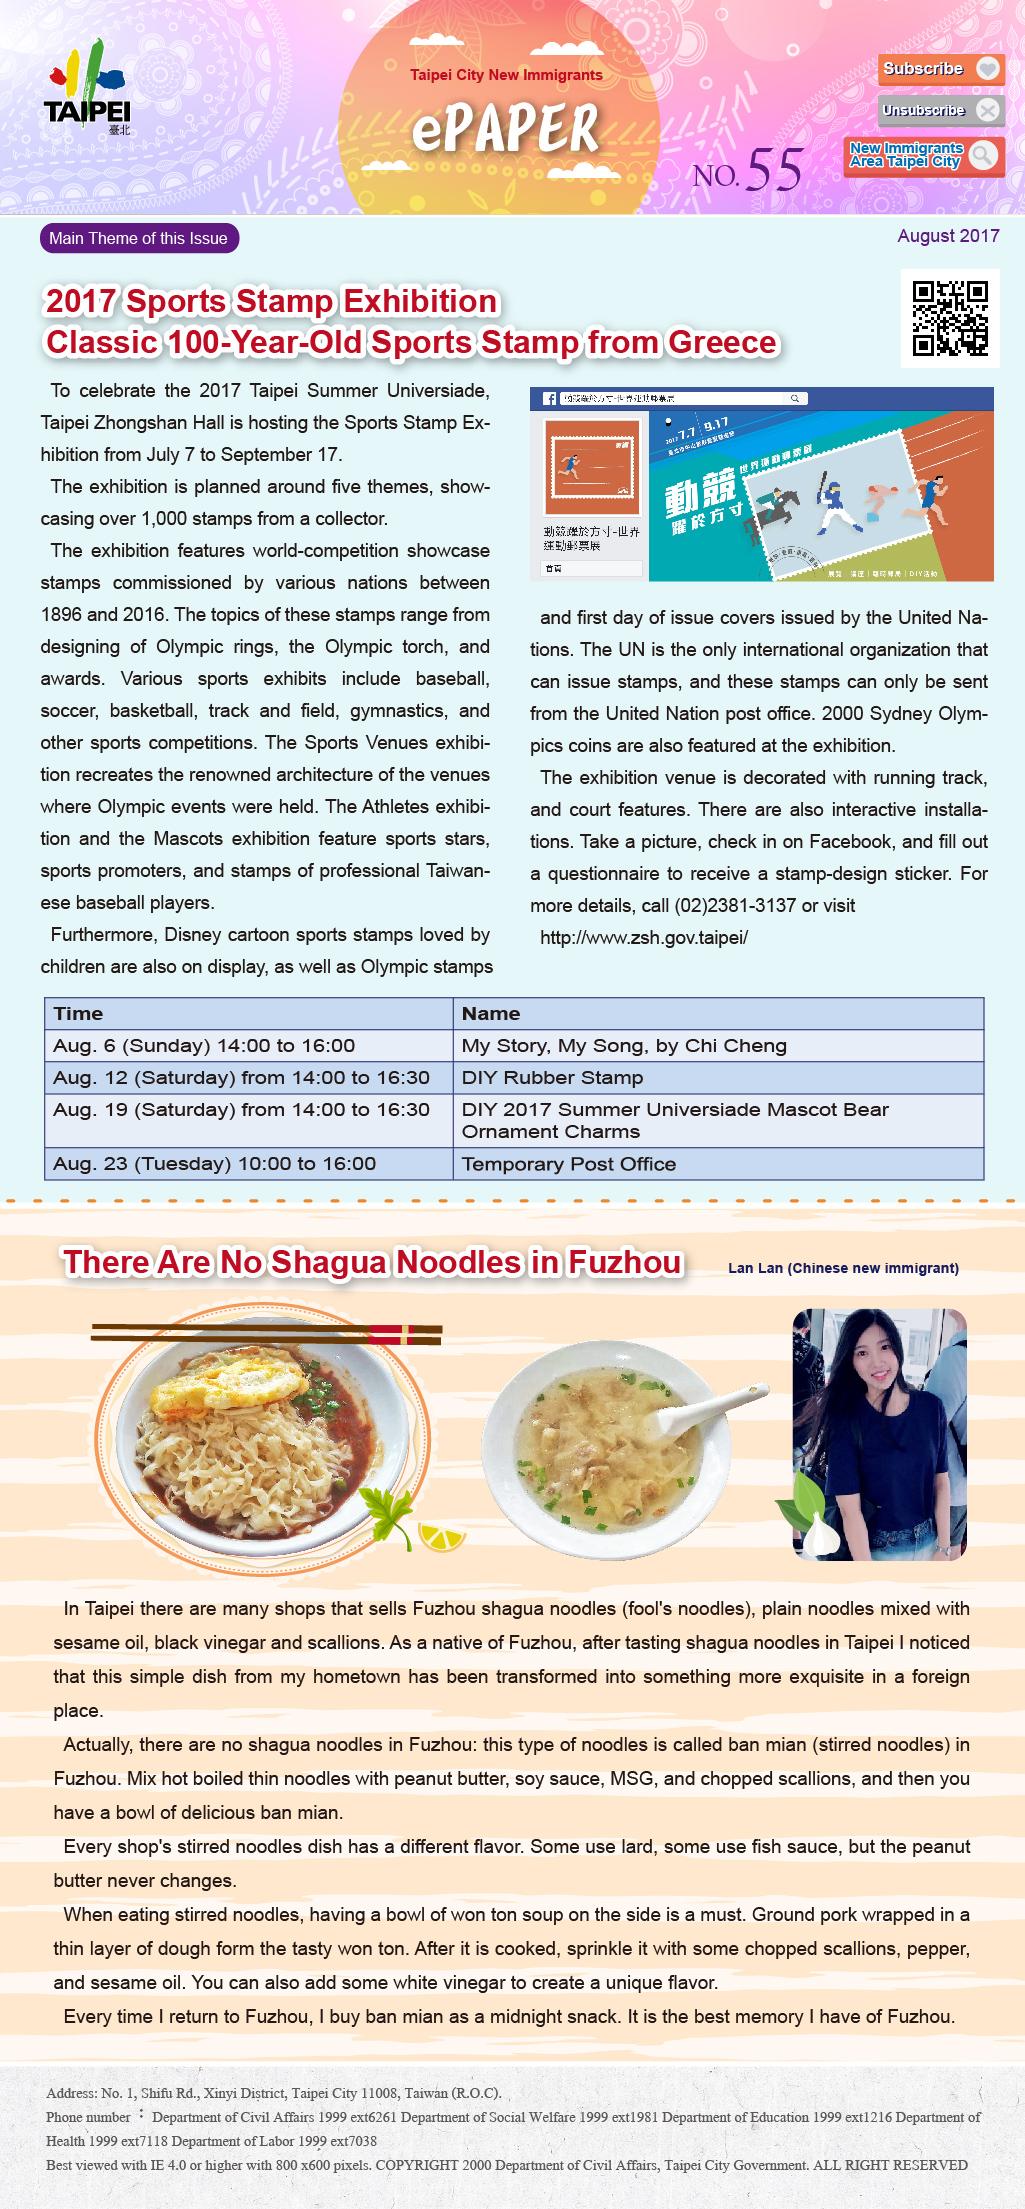 臺北市新移民電子報-8月份期刊